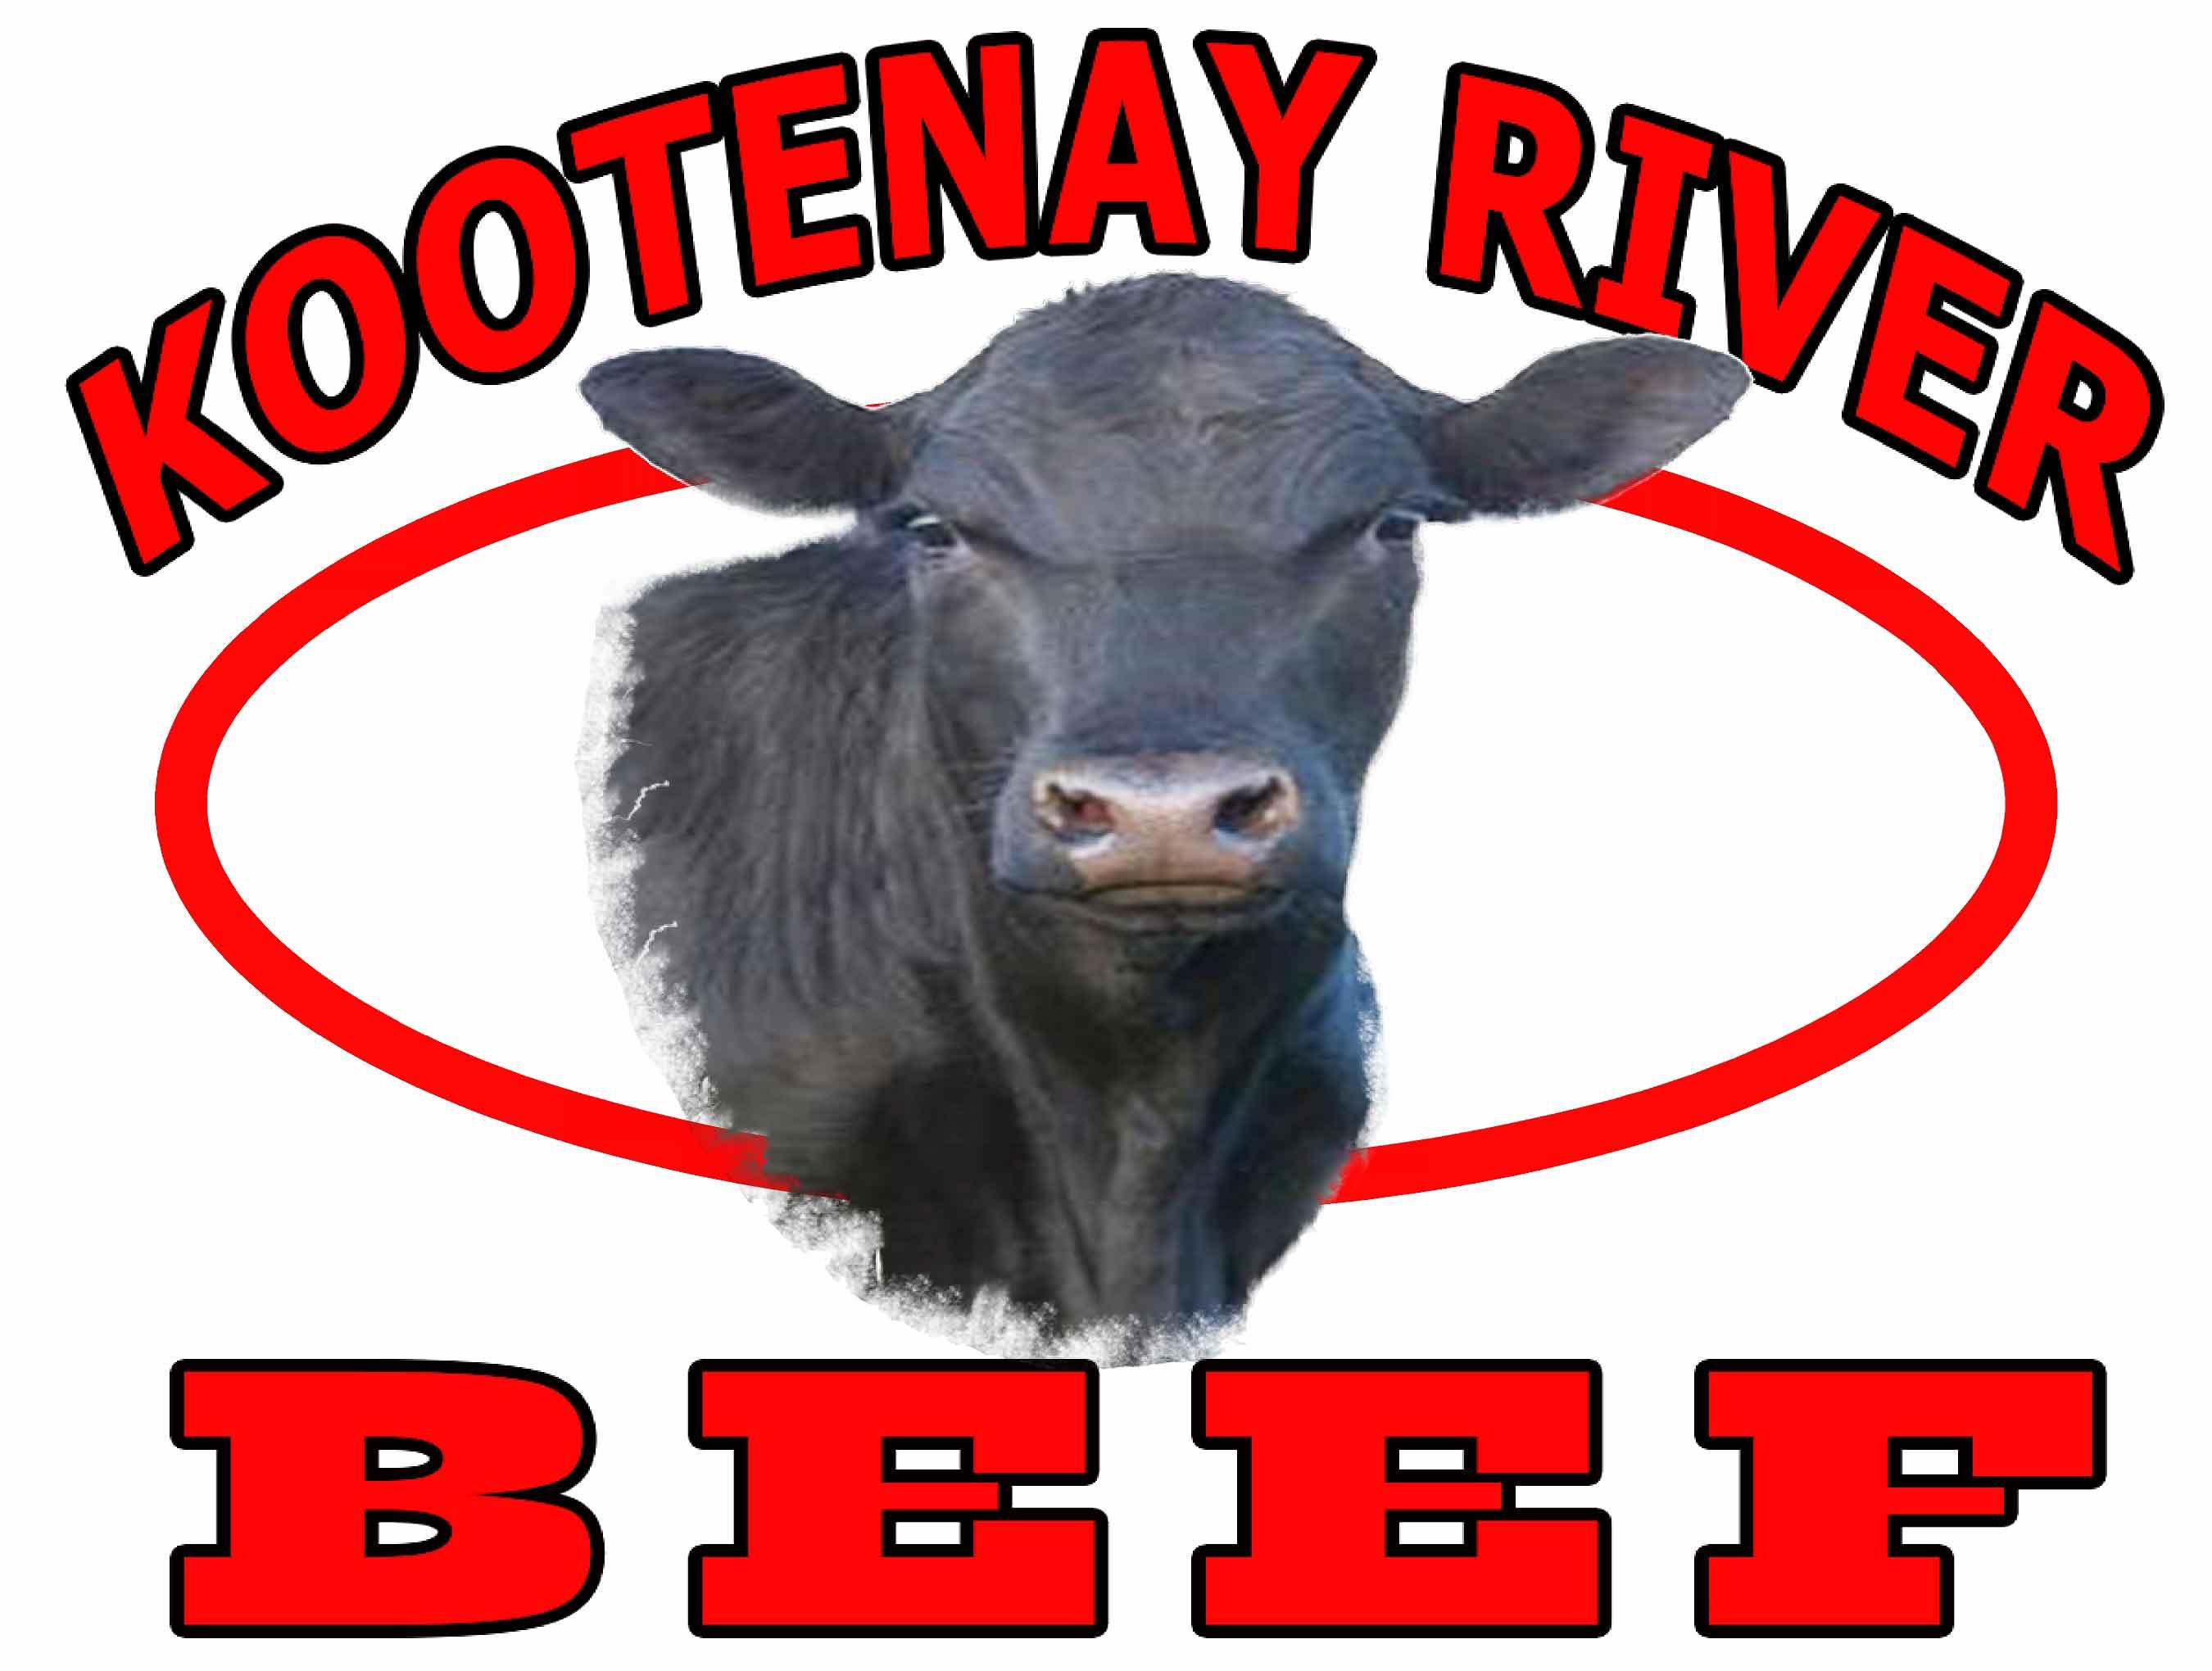 Kootenay River Beef